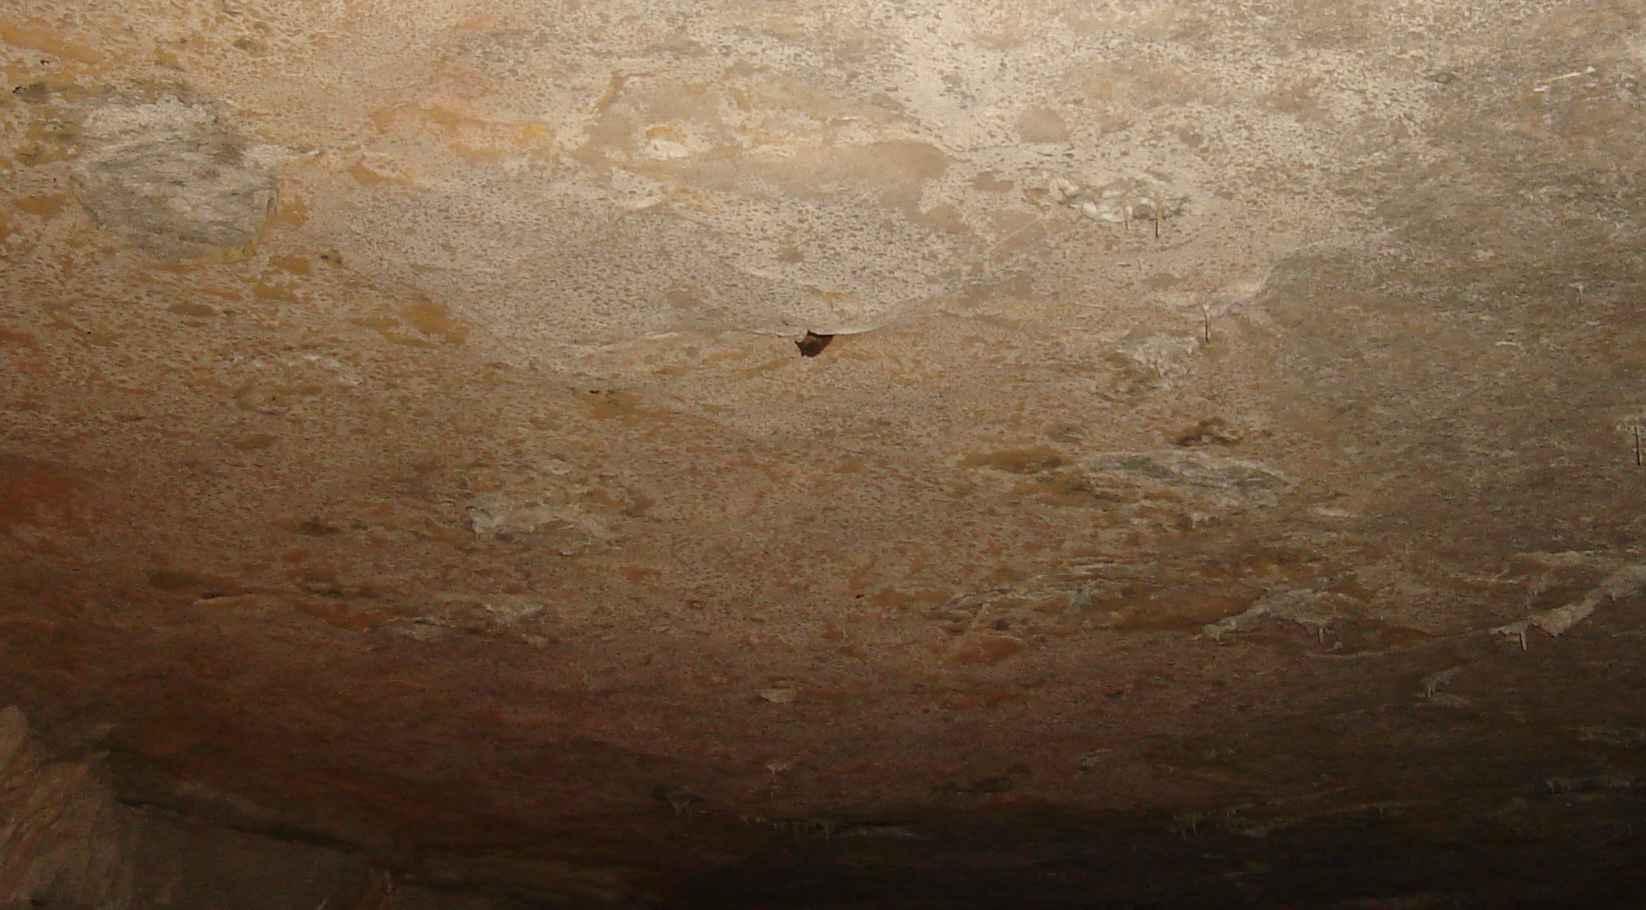 Smallin Cave bat